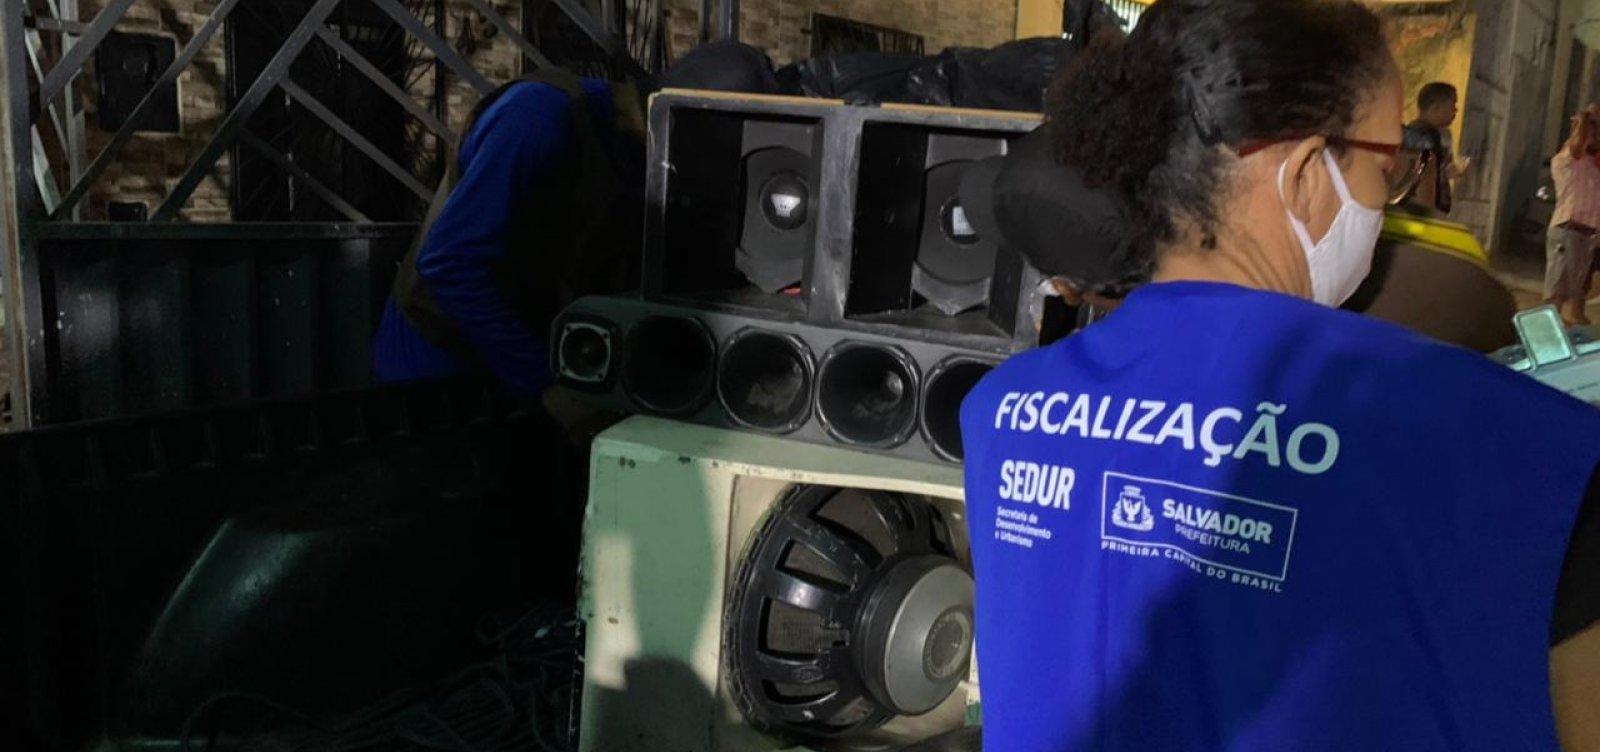 Sedur apreende 15 equipamentos de som em festas irregulares na véspera de São João